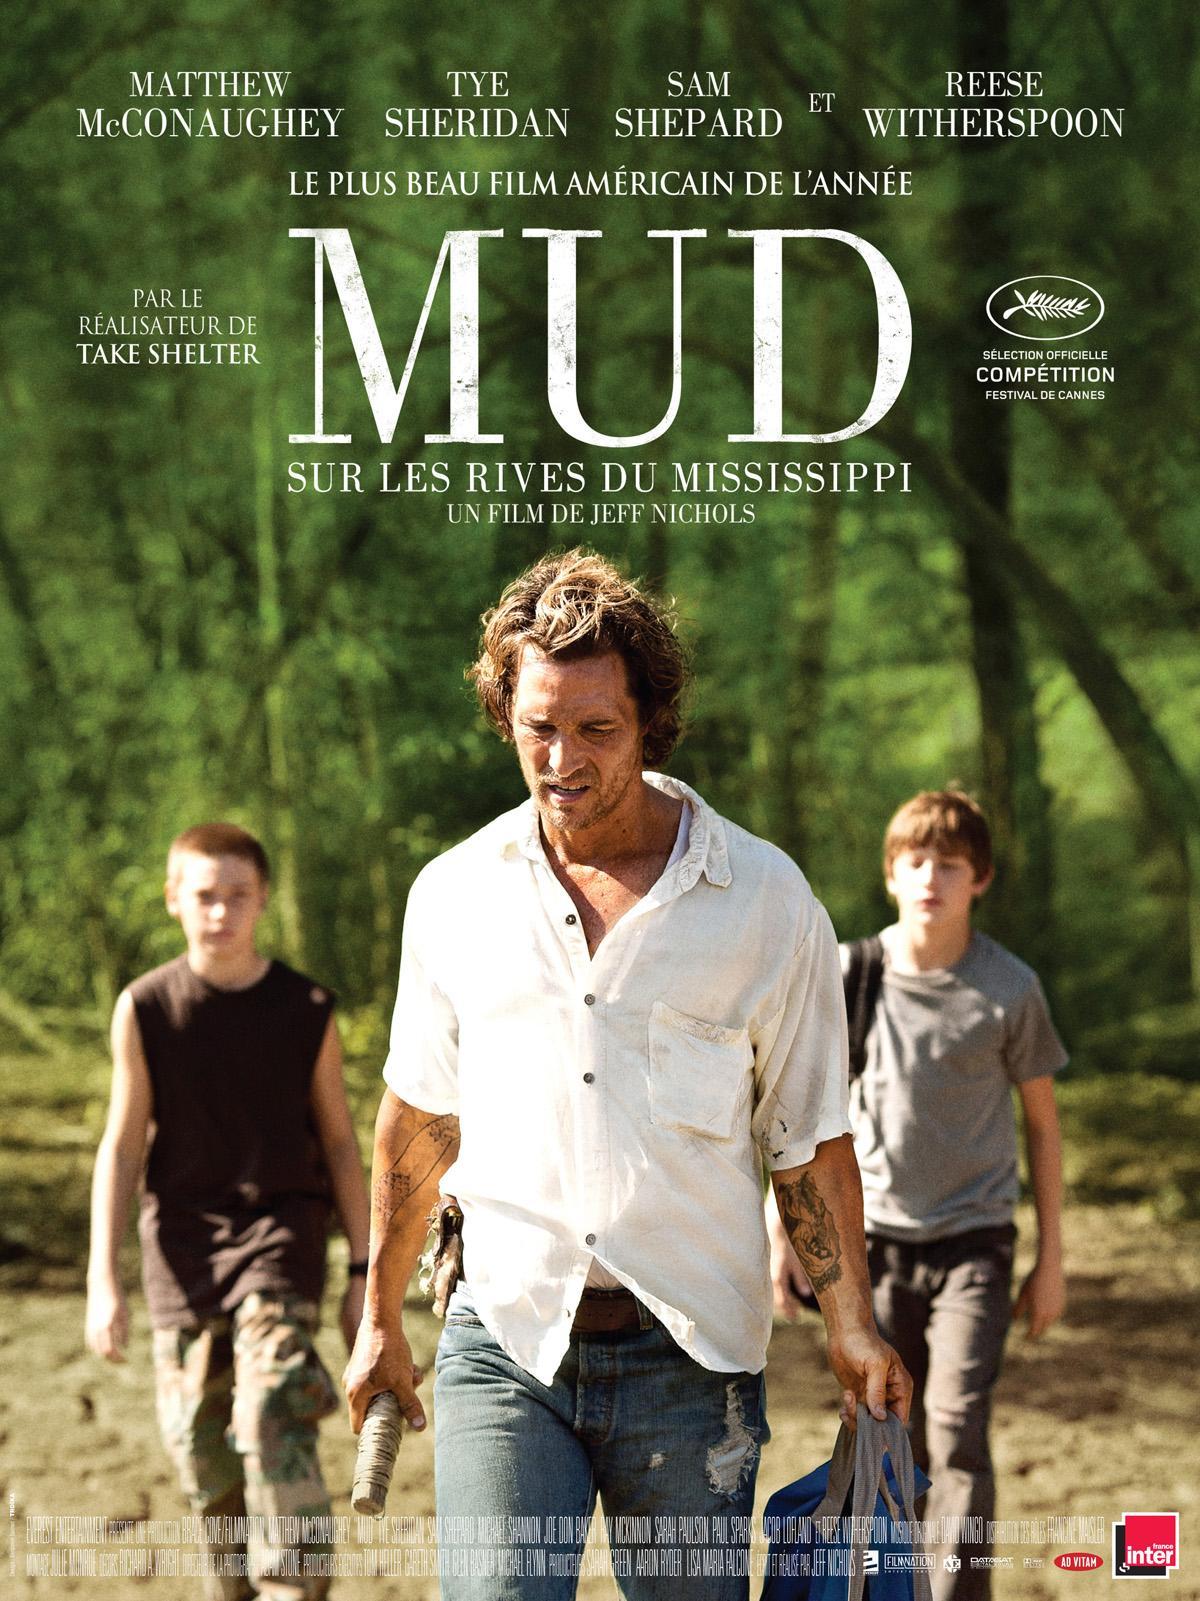 Critiques films DVD / Blu ray 21000219_20130419193021705